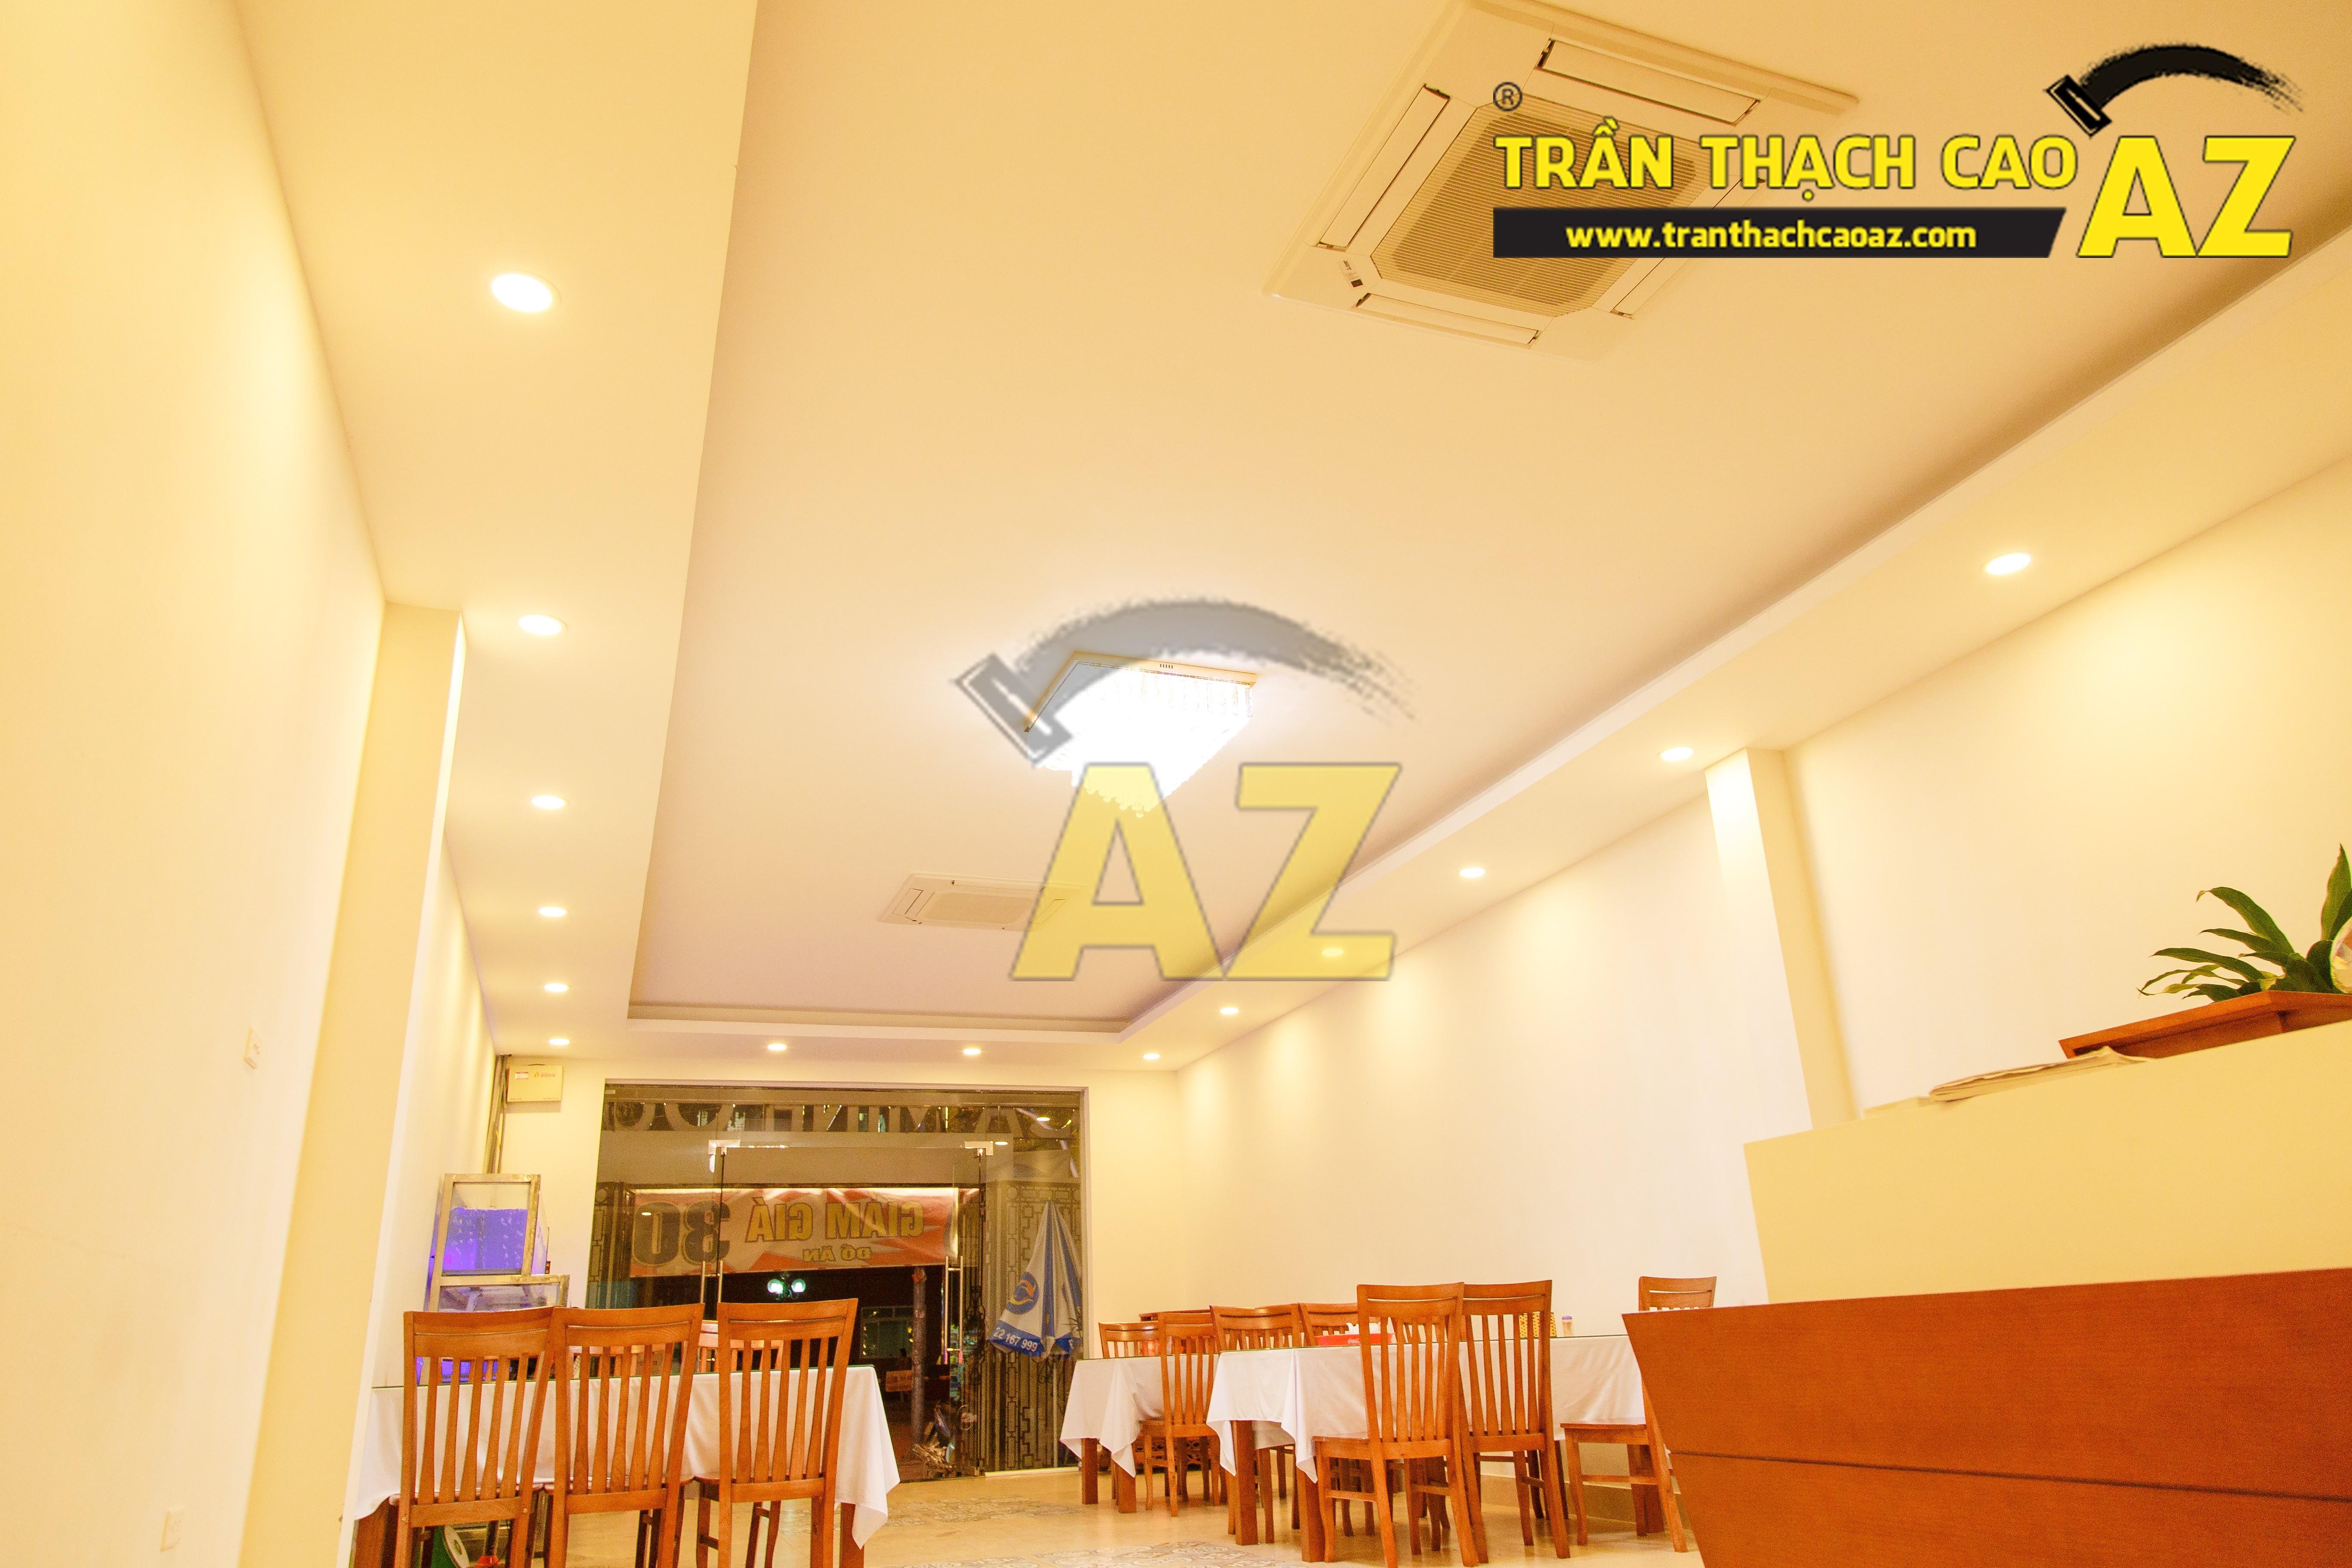 Mẫu trần thạch cao nhà hàng đẹp 07